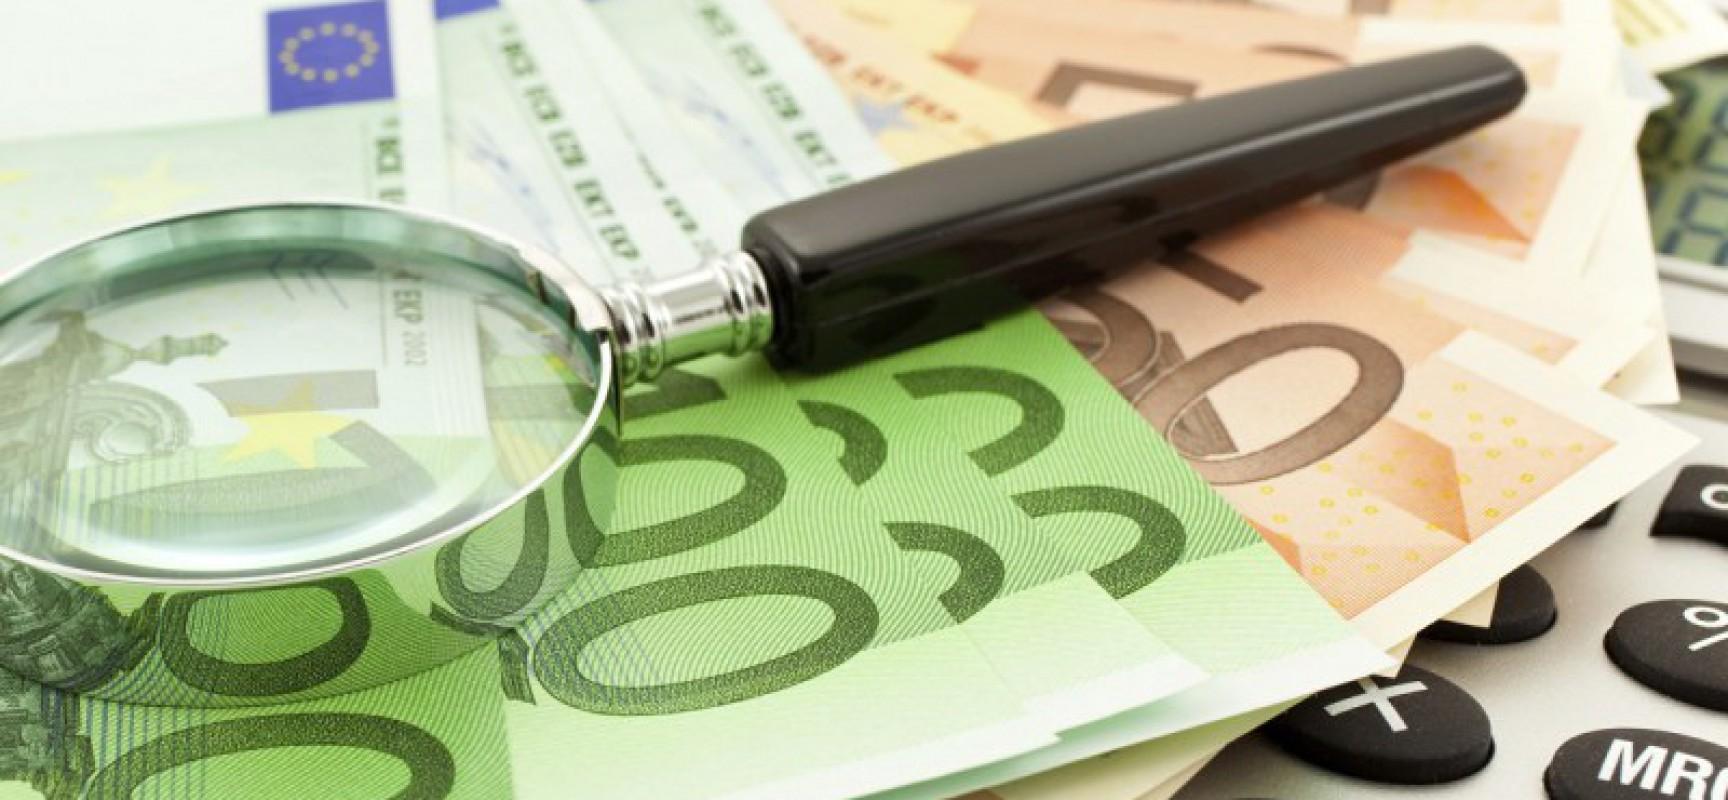 Συνοπτική Κατάσταση Προϋπολογισμού Δήμου Σοφάδων 2016